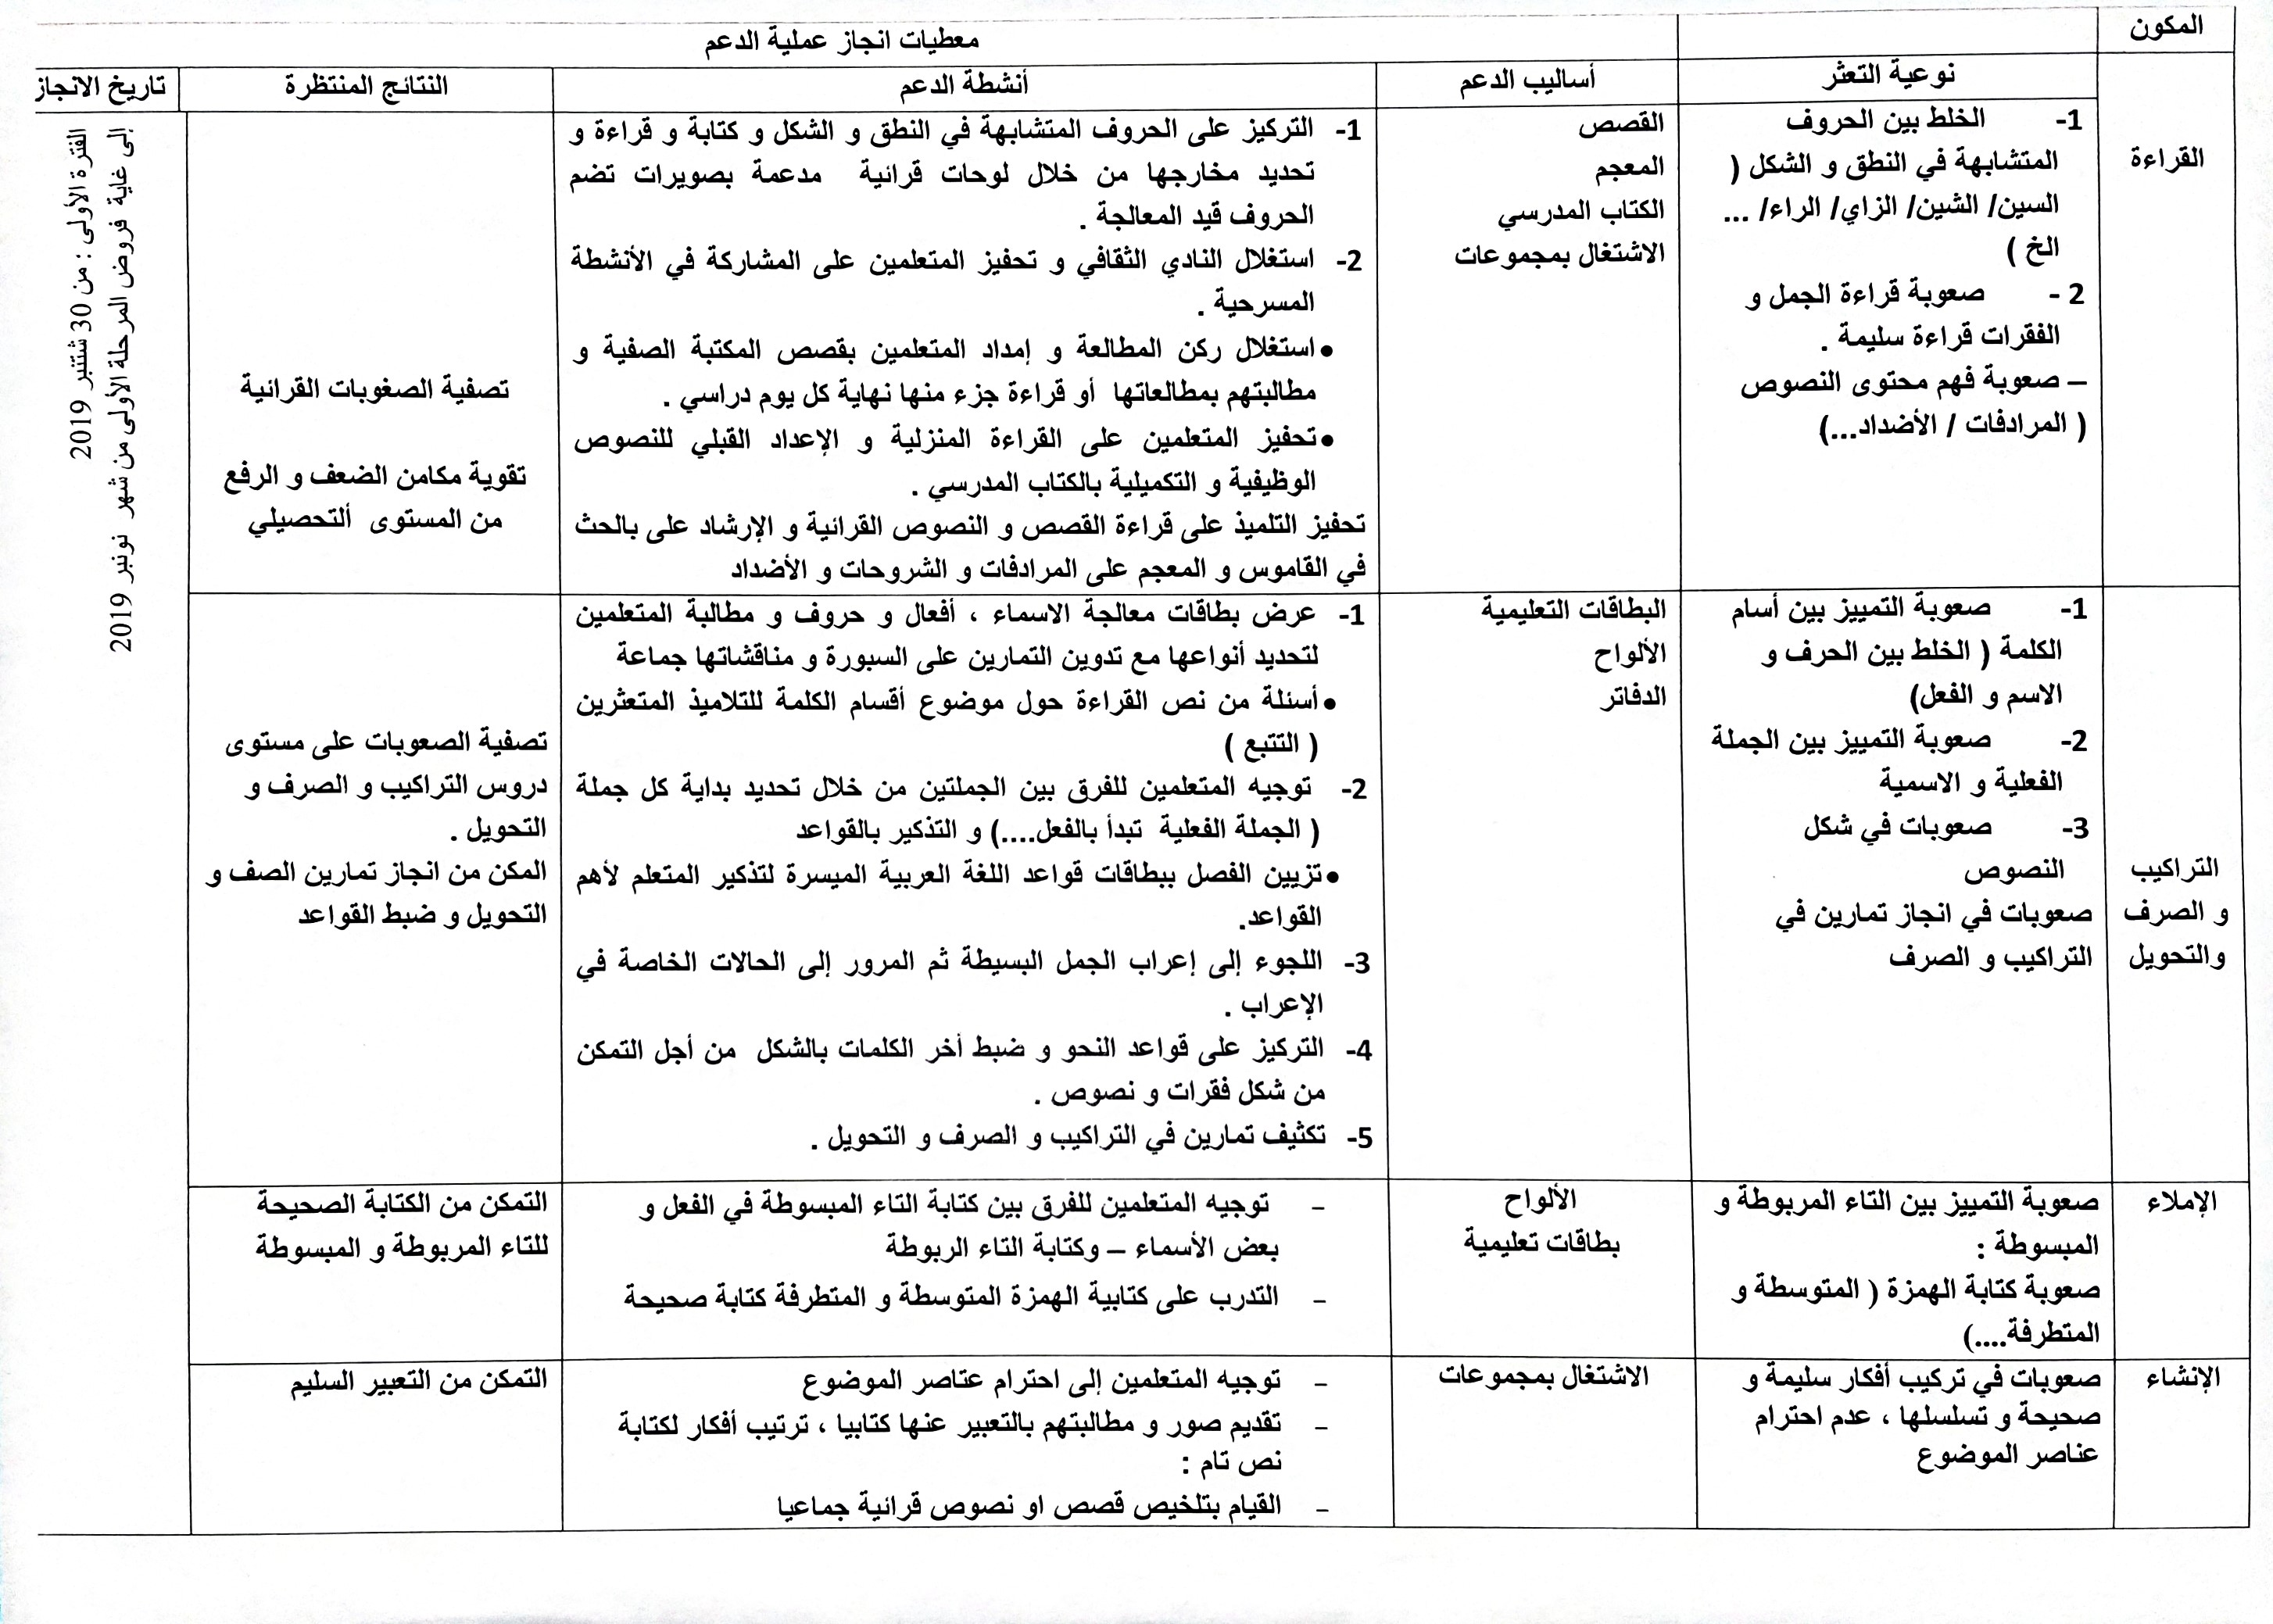 خطة الدعم التربوي - اللغة العربية